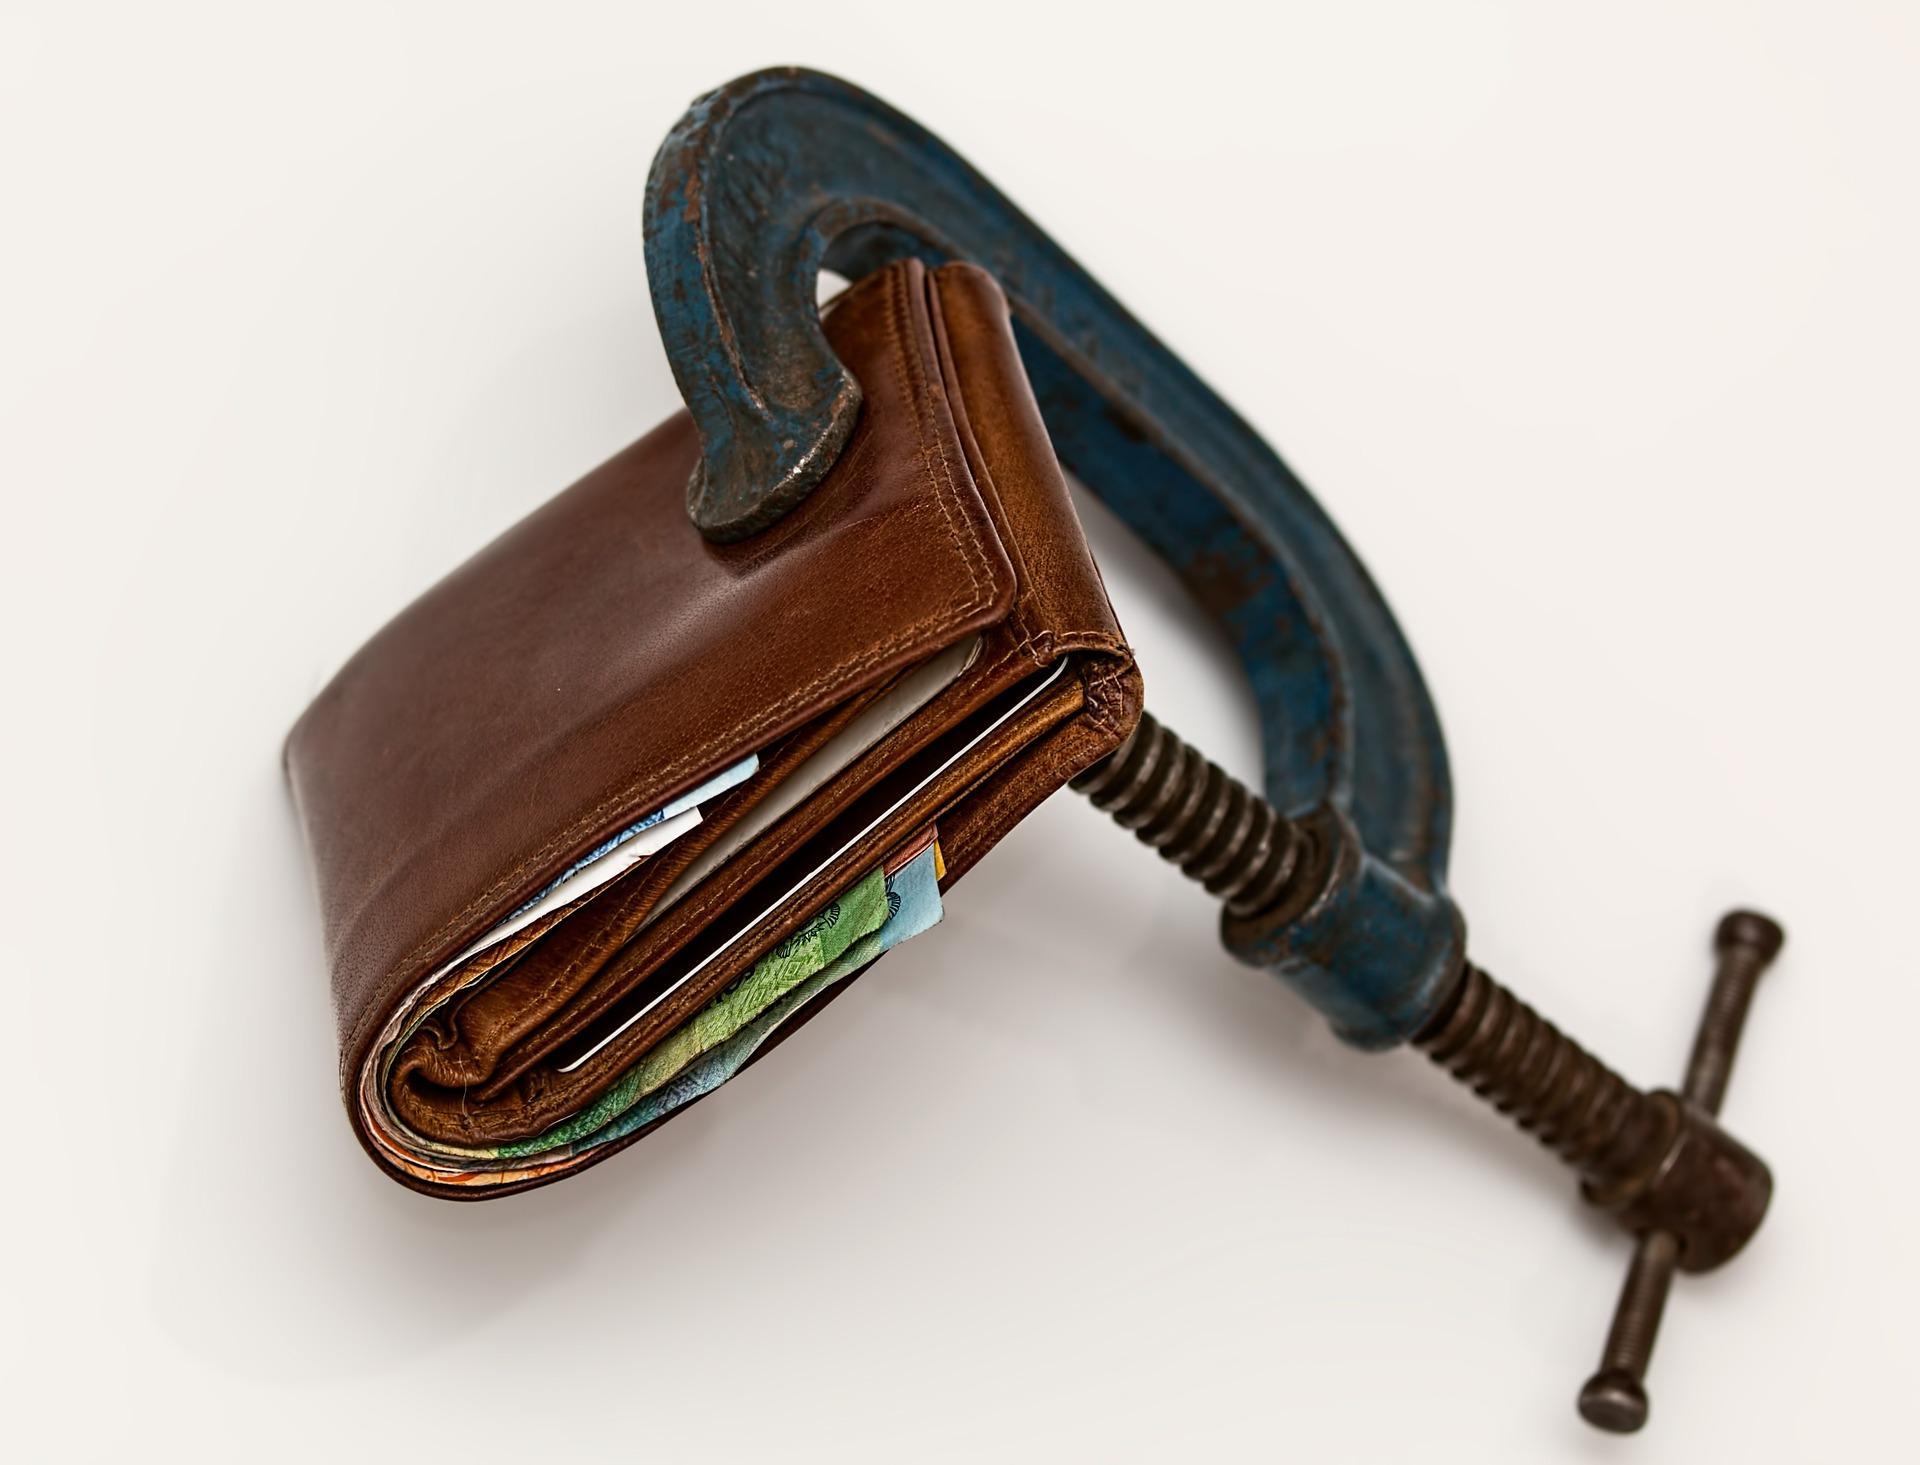 Nachzahlungszinsen – und die Einwendungen gegen die Zinshöhe